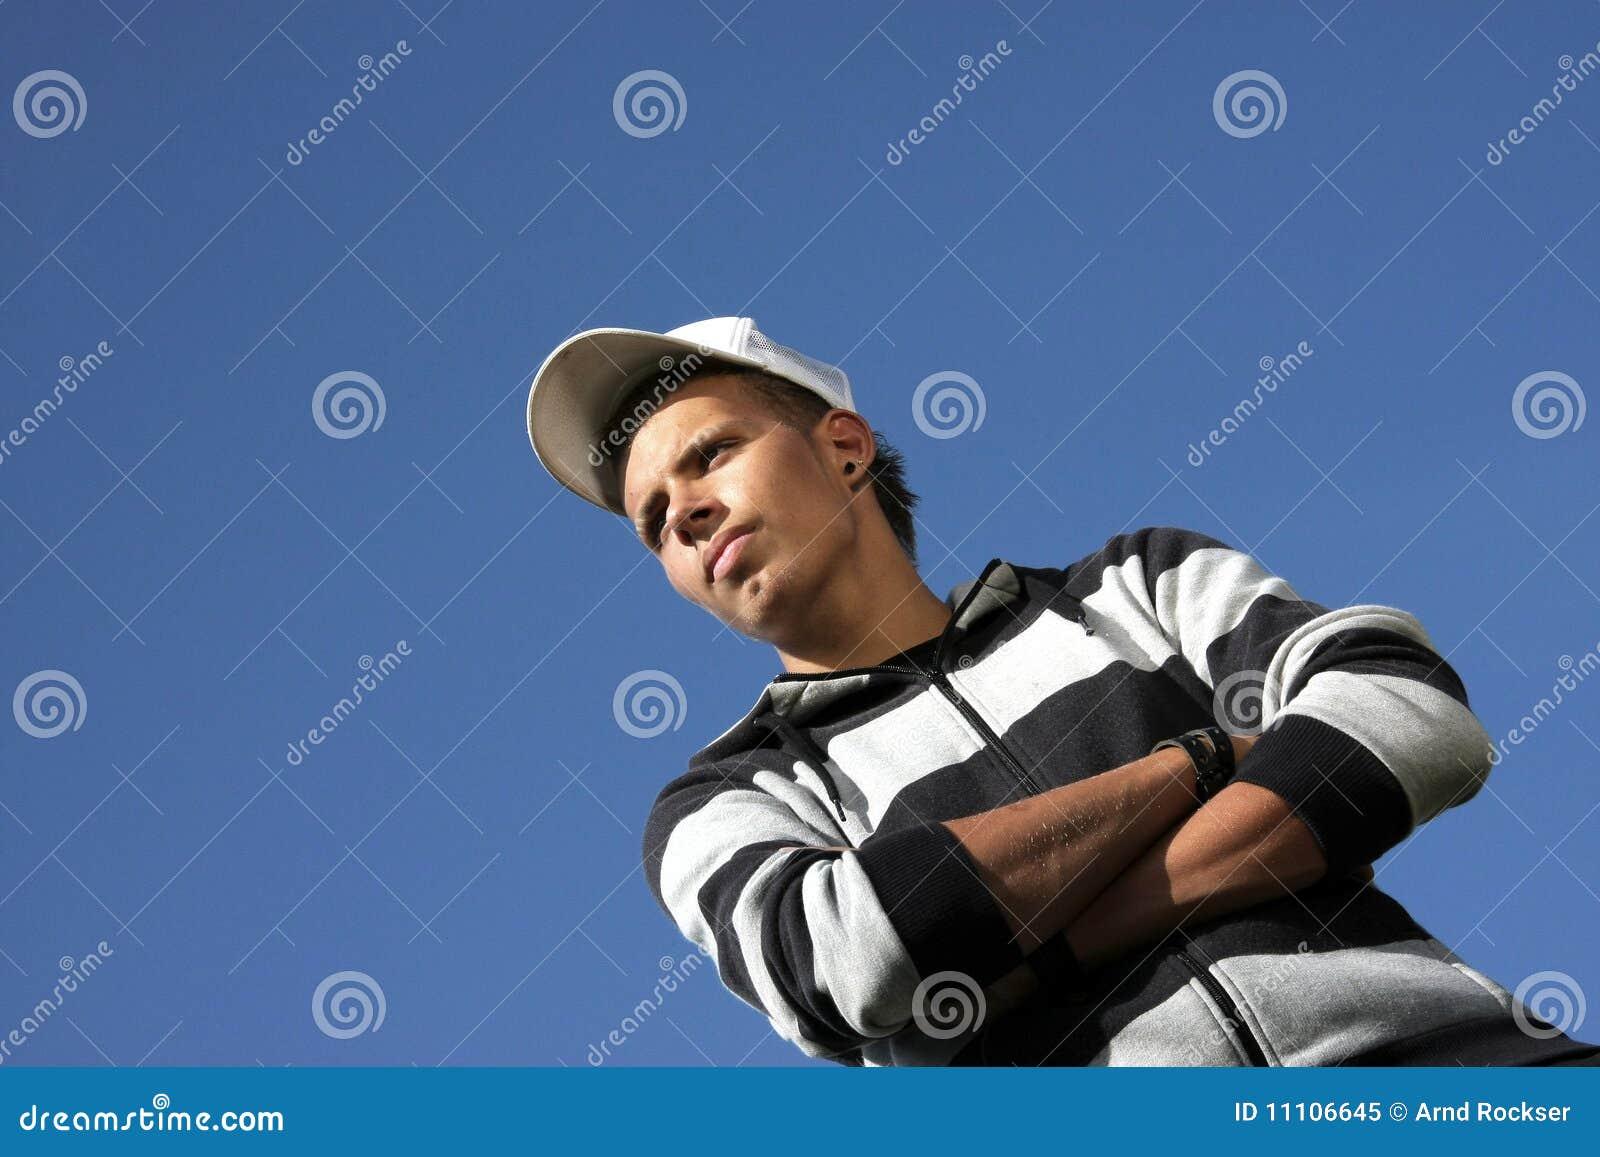 Baseballa nakrętki przyglądający poważny nastolatek